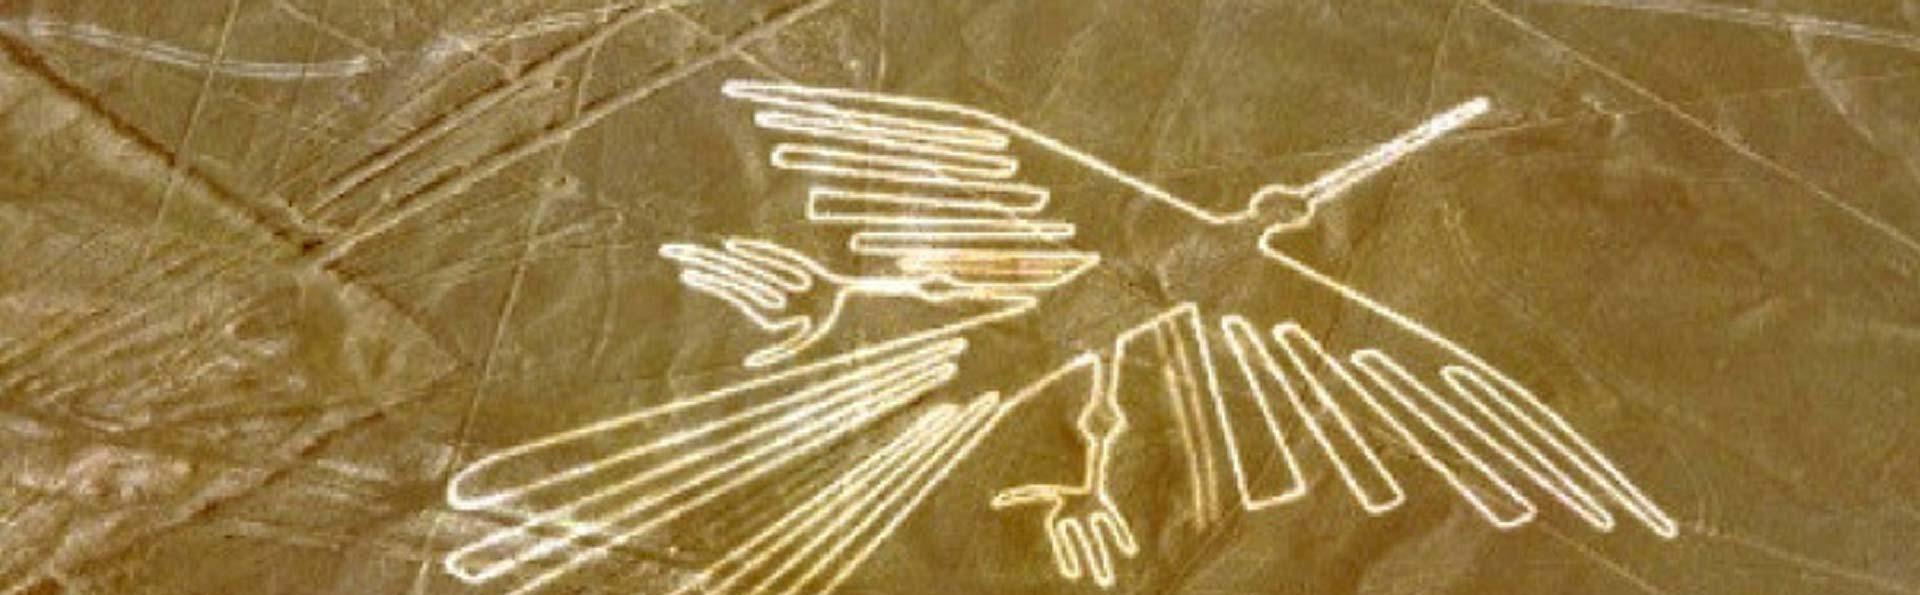 visita alle linee di Nazca